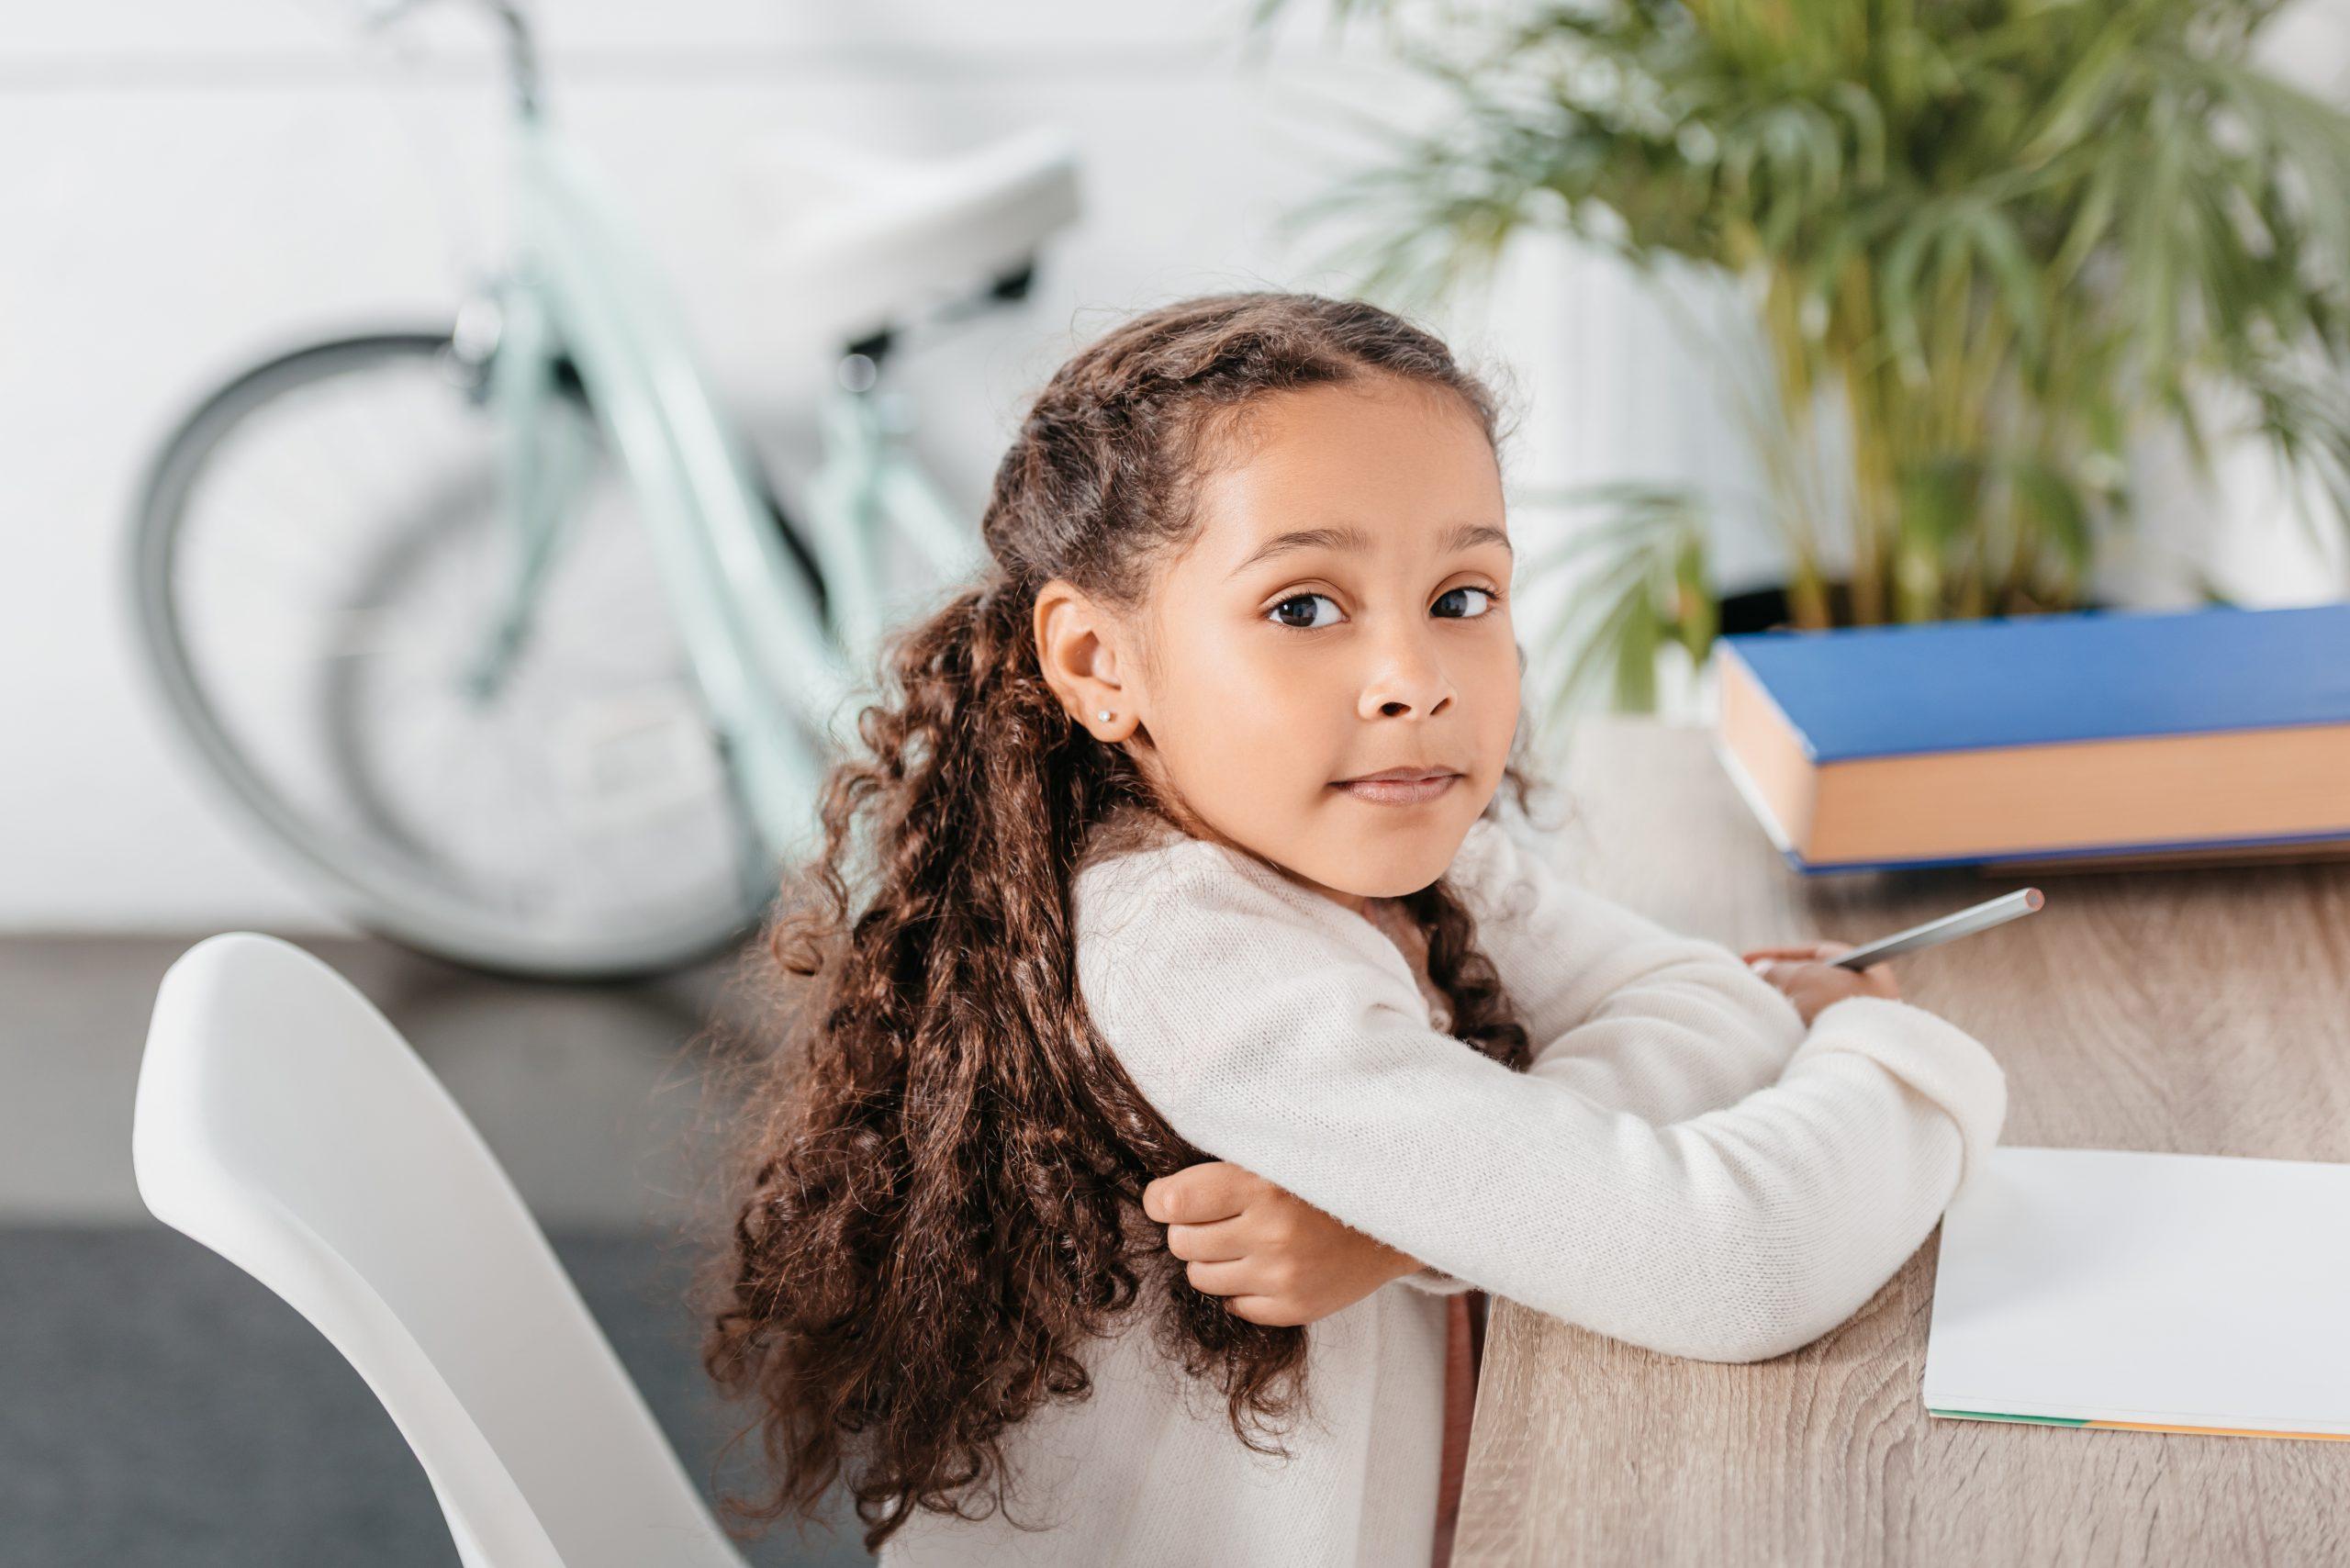 penteados infantis scaled - Chega de choro: como pentear o cabelo infantil sem sofrimento